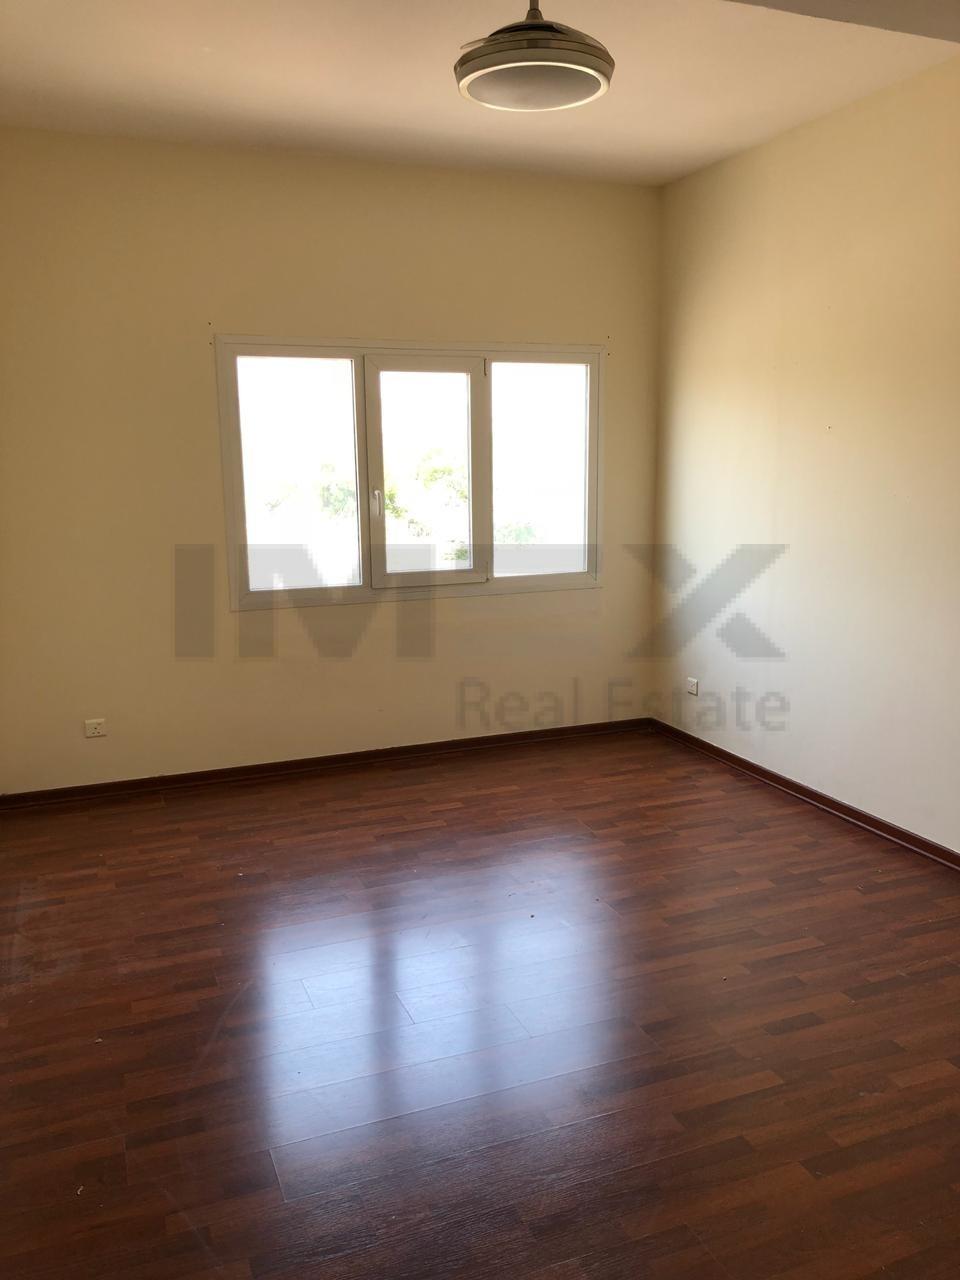 6bedroomsmaid-room-vacant-villa-in-type-9-meadows